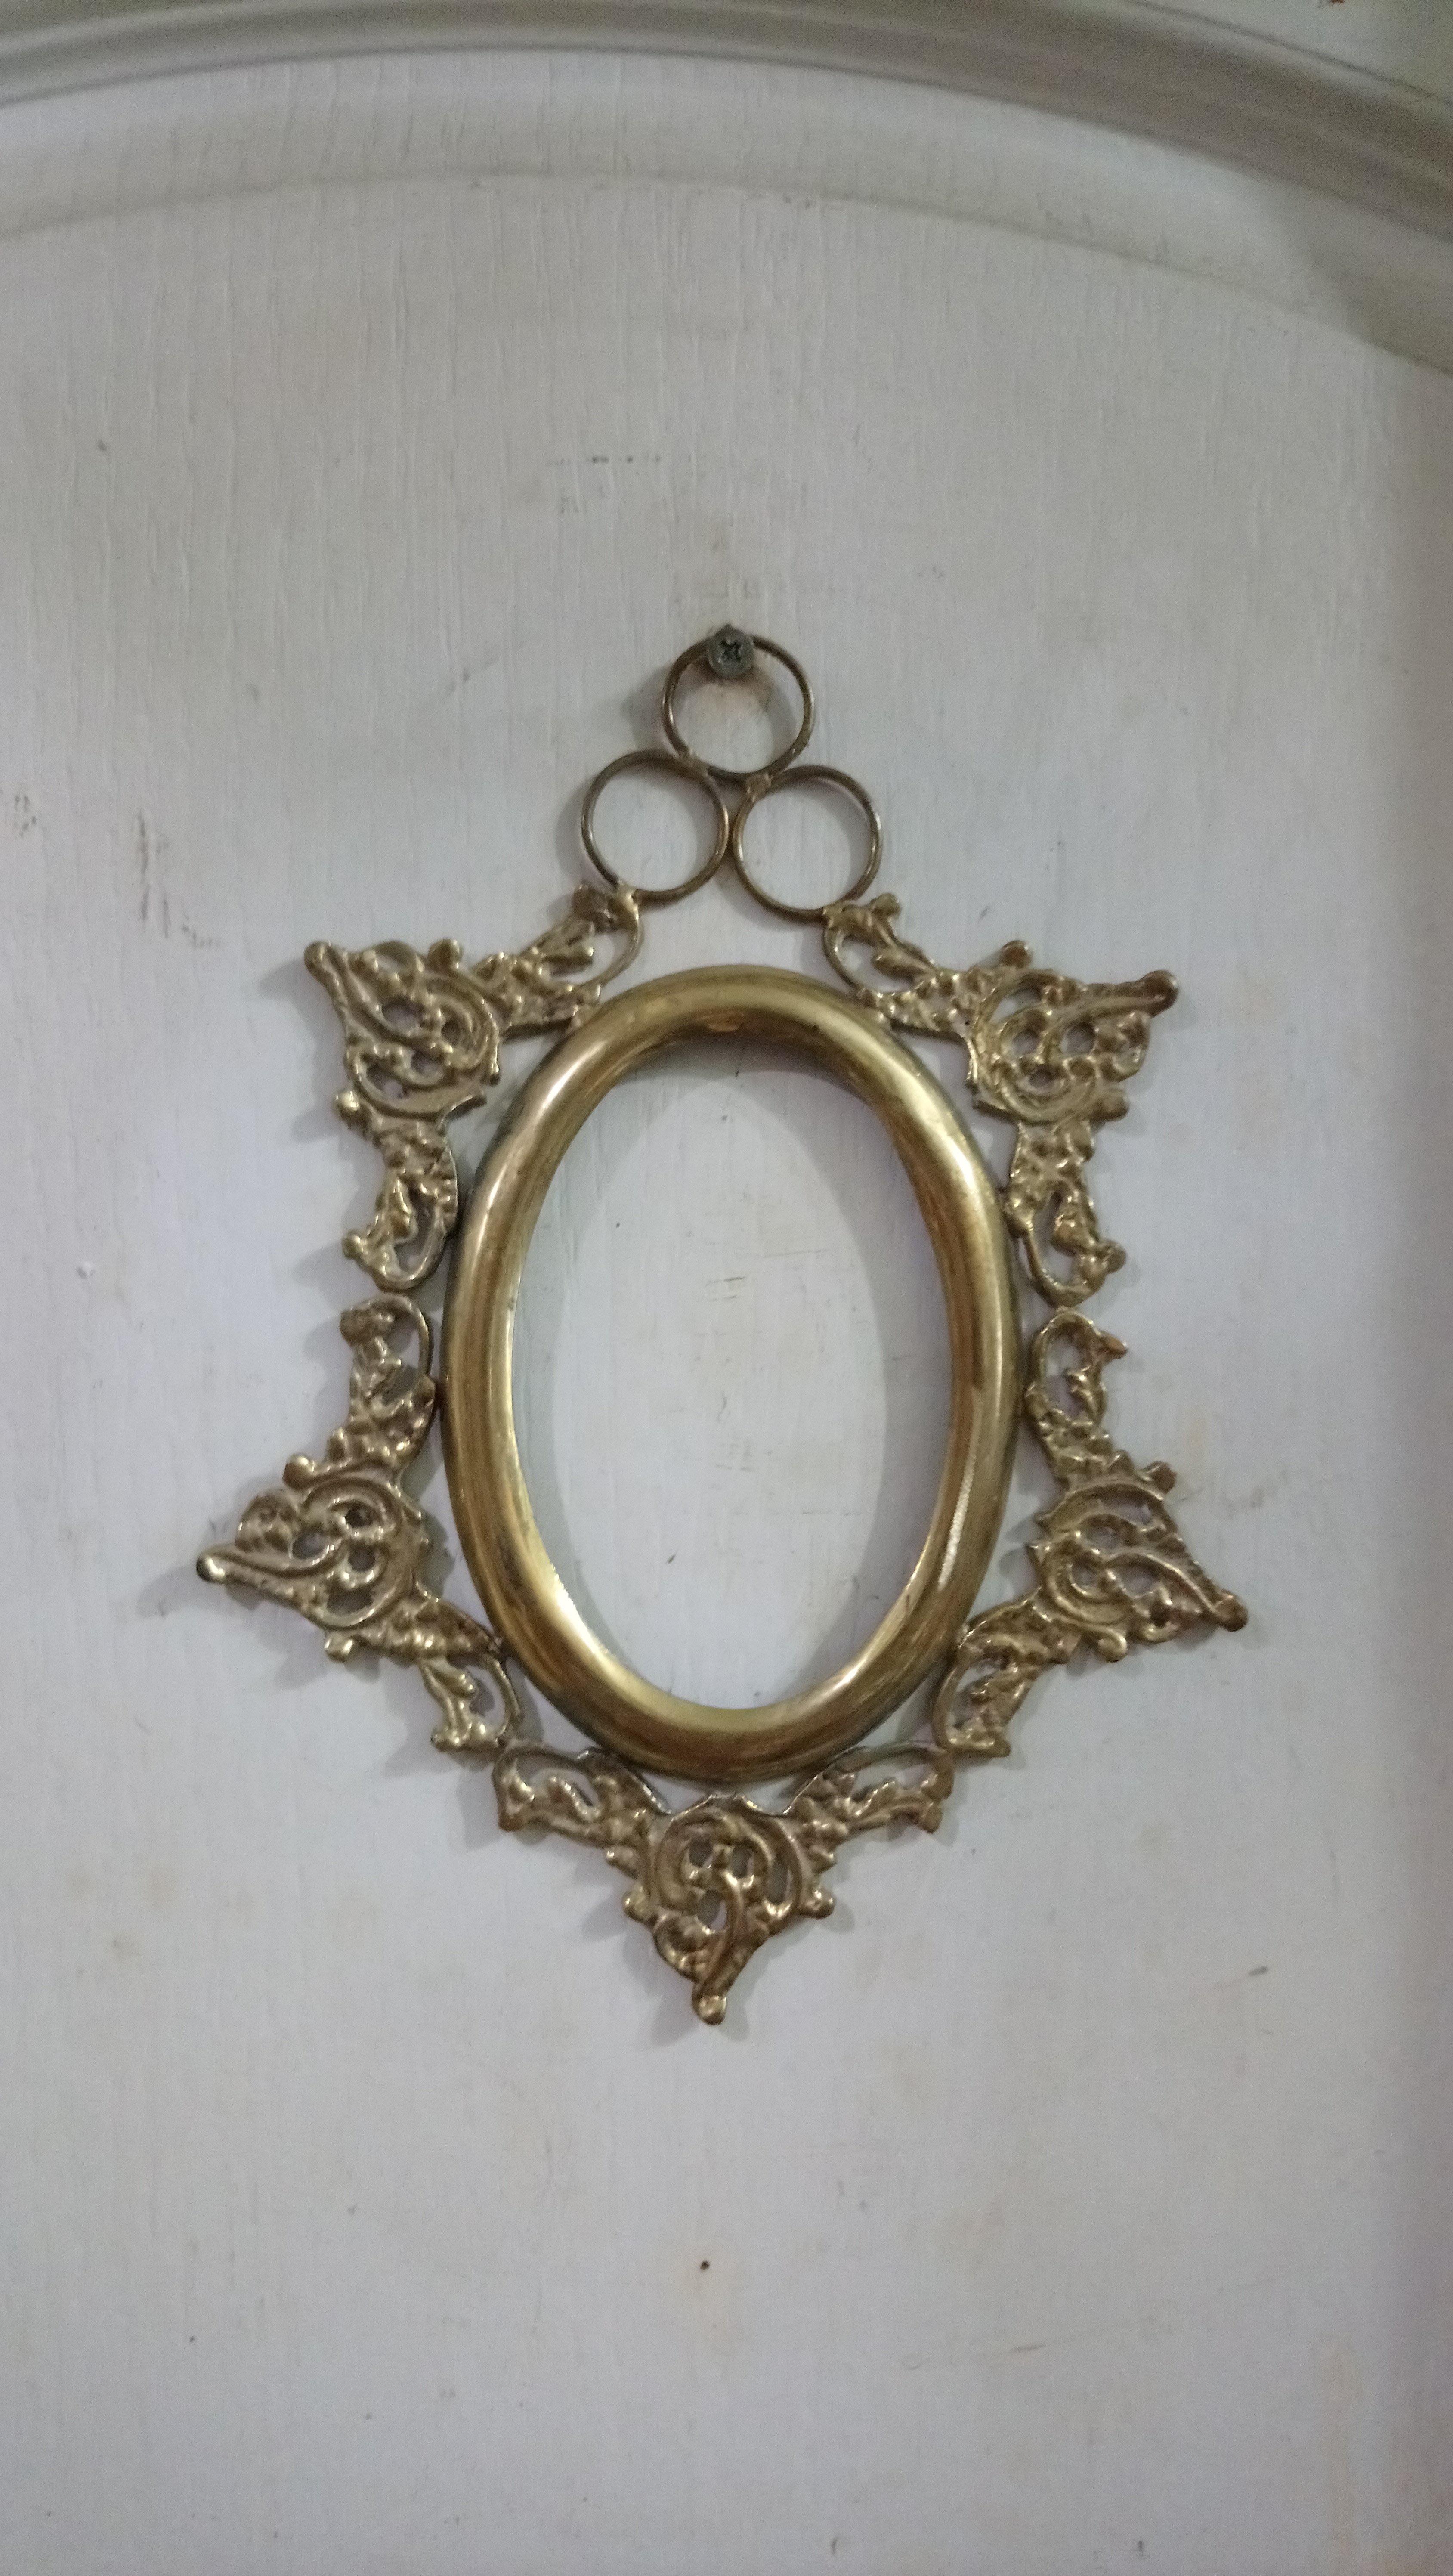 記憶的街角~法式小銅鏡框/相框